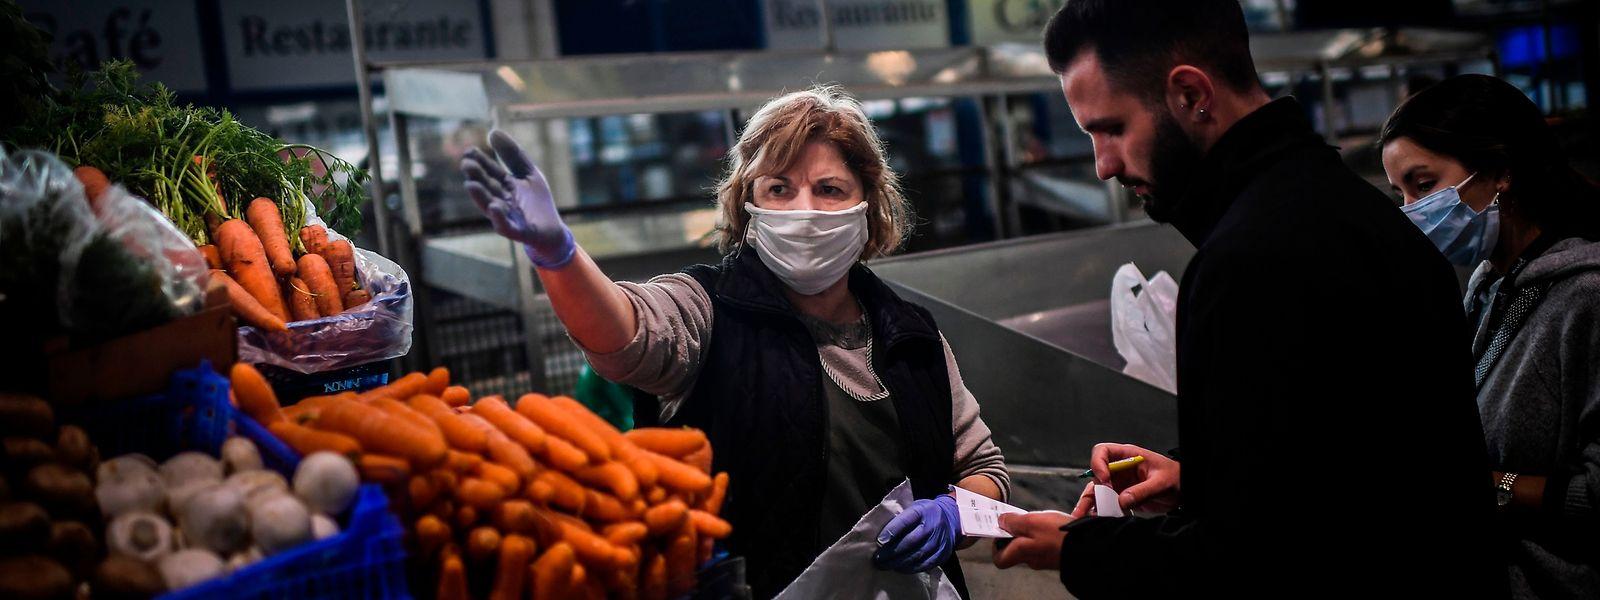 Vendedora de frutas e legumes no mercado municipal de Benfica, em Lisboa.